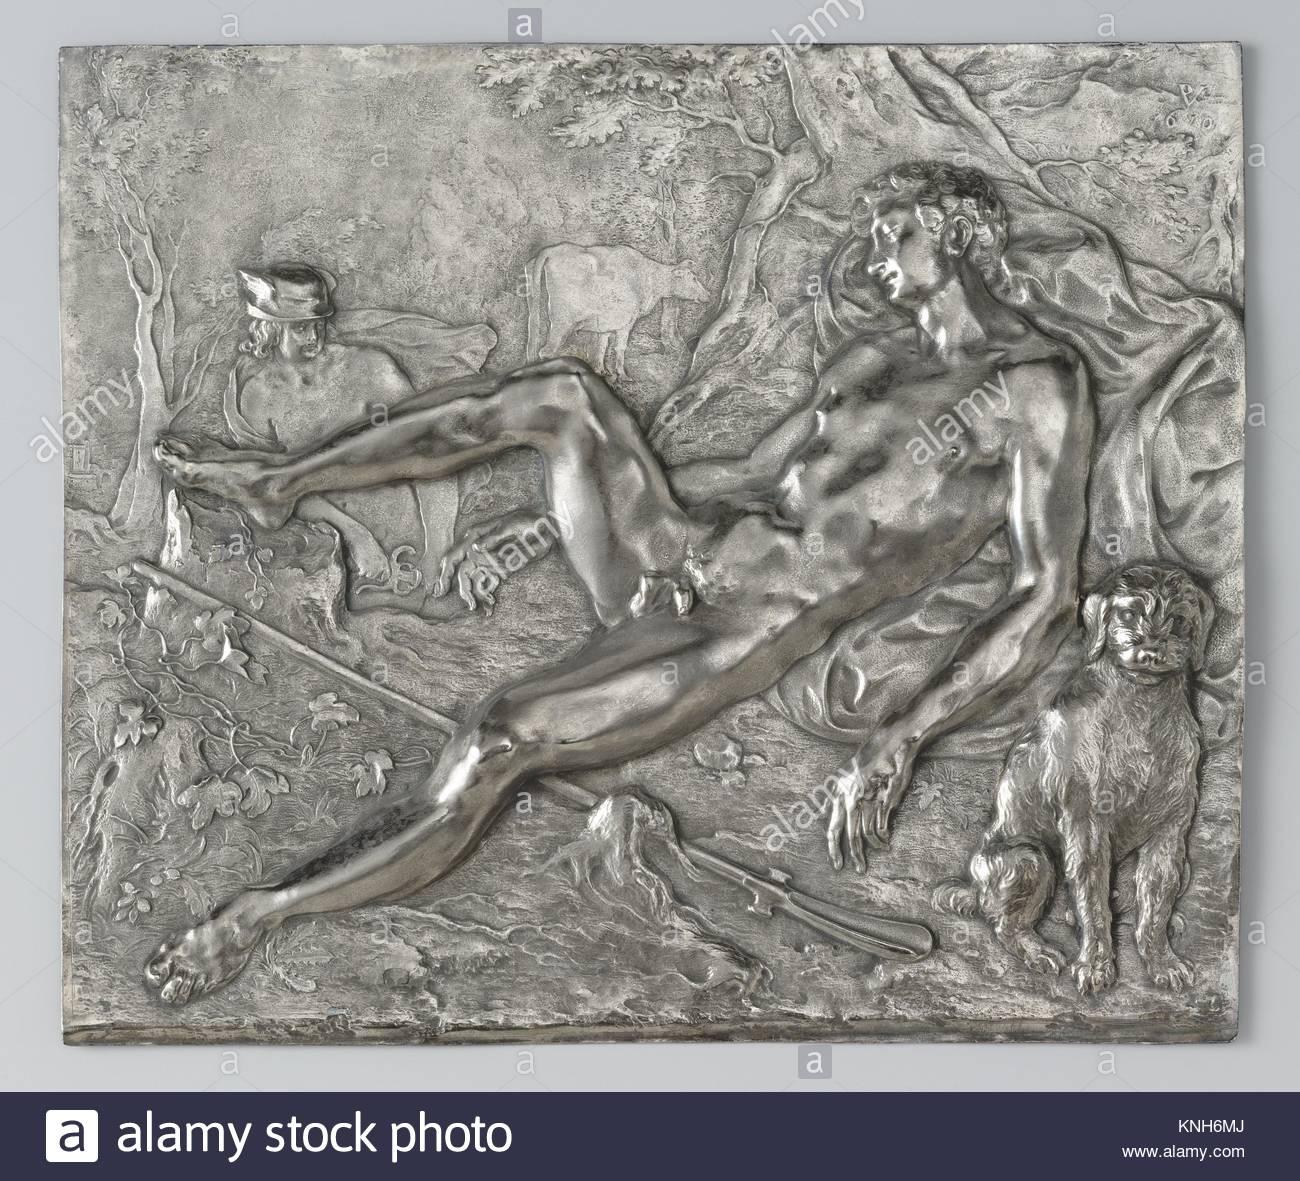 Mercury and the Sleeping Argus Paulus Willemsz. van Vianen, 1610 - Stock Image